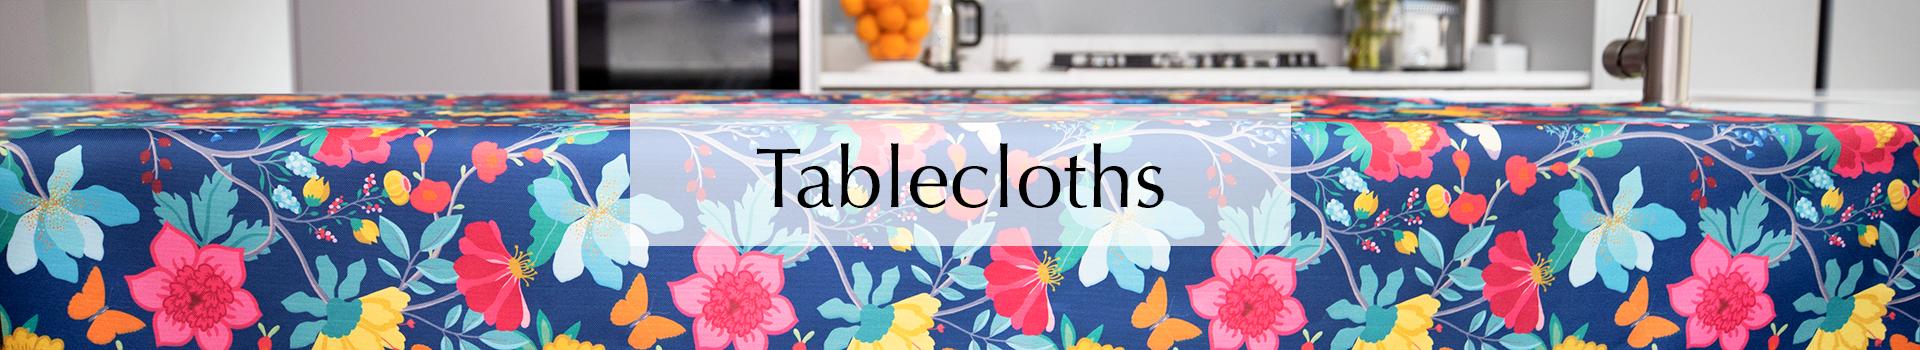 tablecloths-2.png